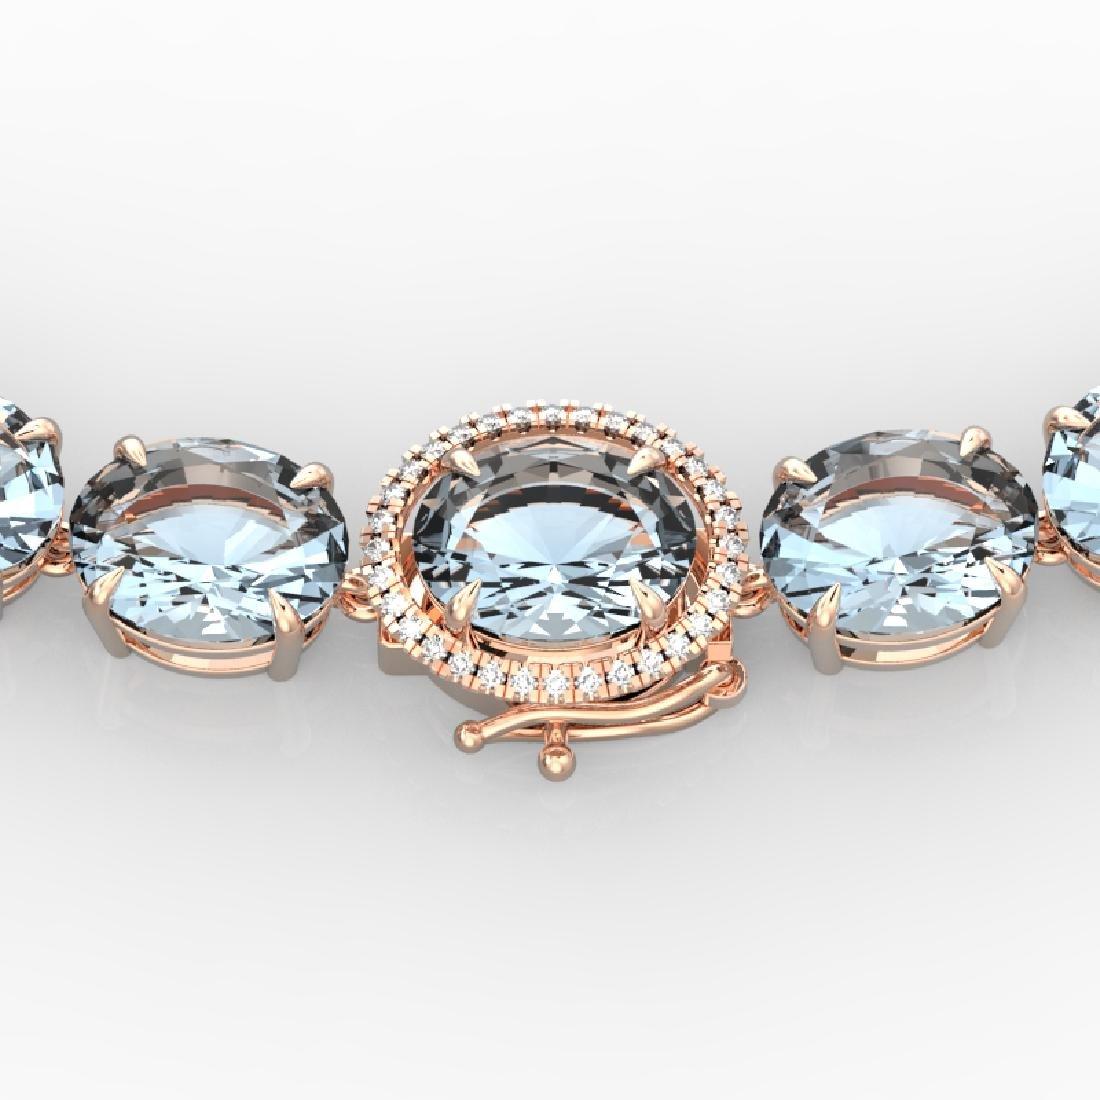 136 CTW Aquamarine & VS/SI Diamond Necklace 14K Rose